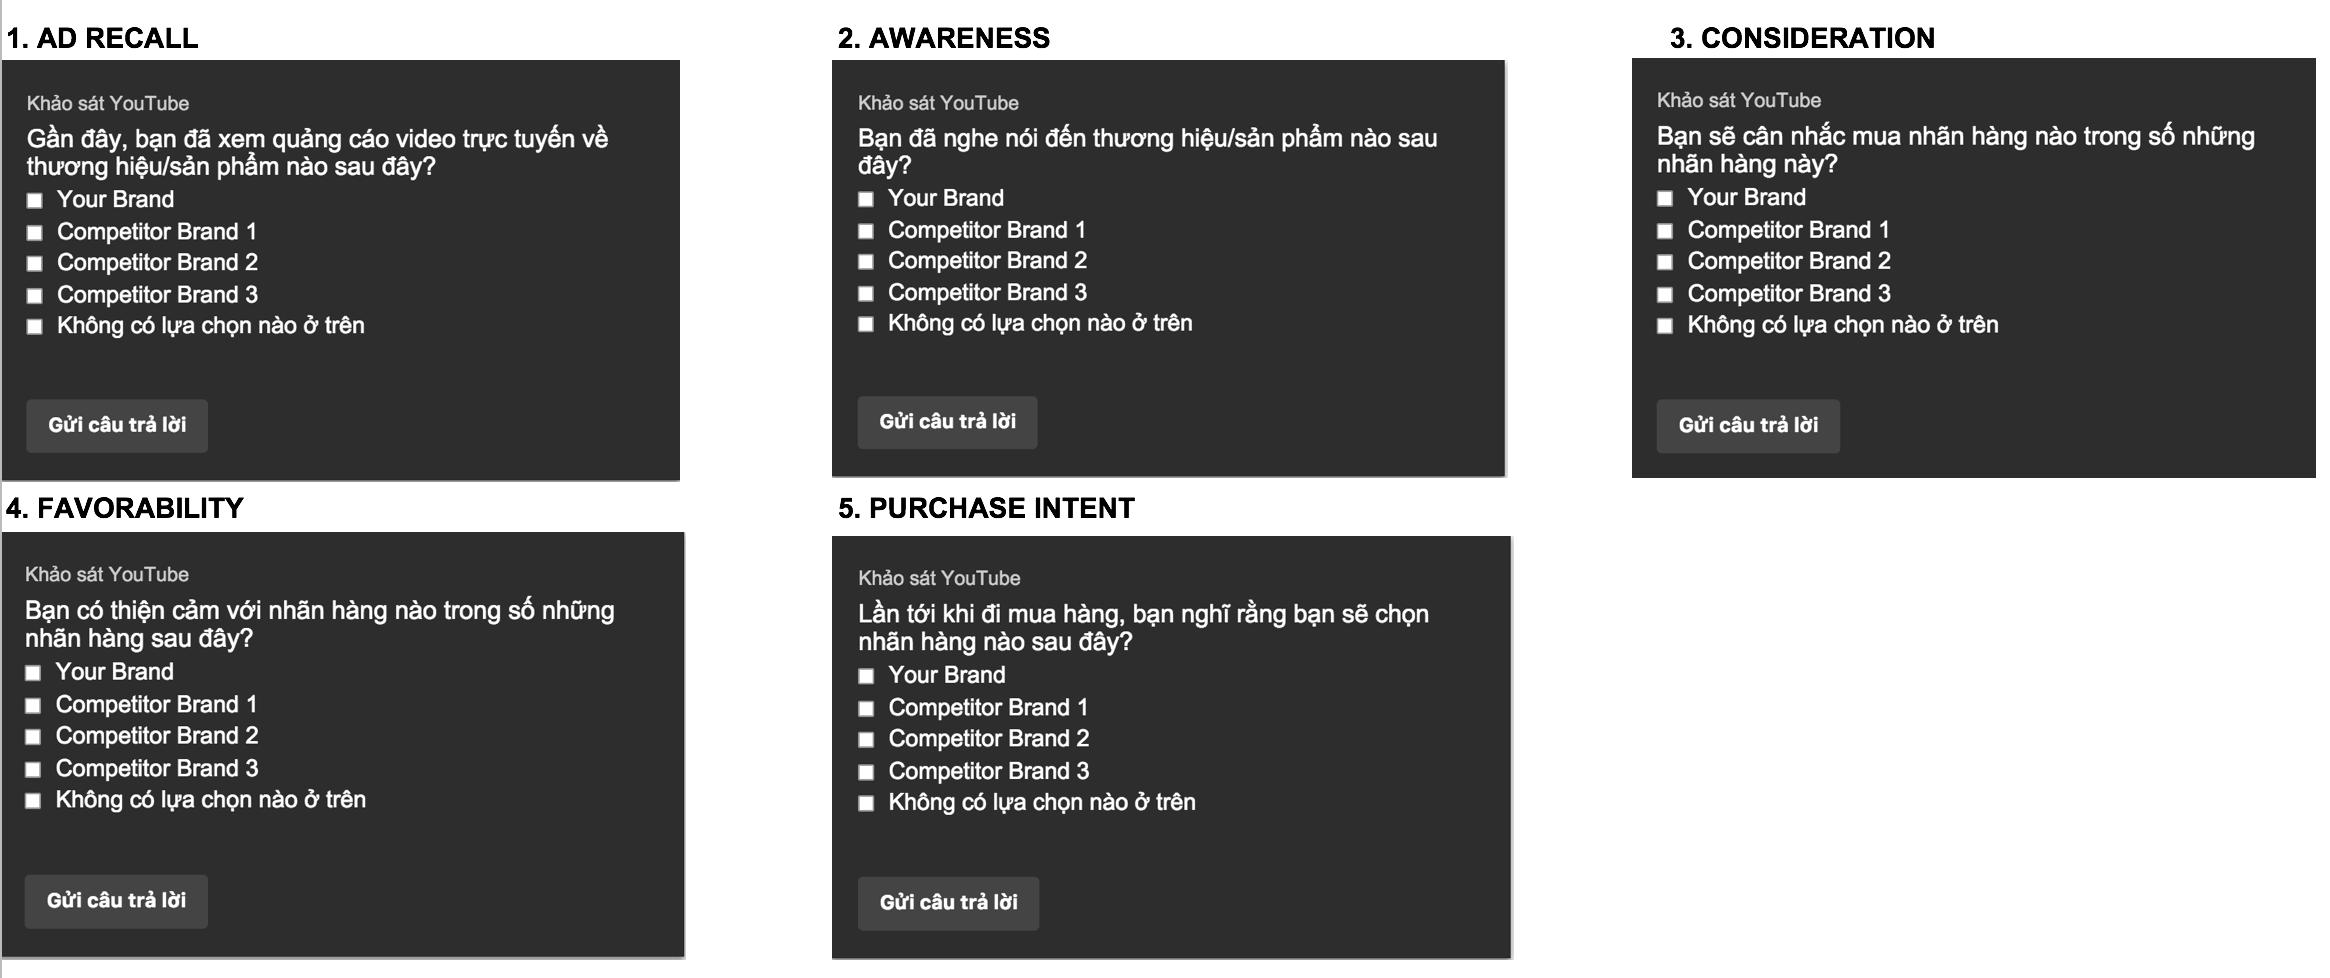 Brand Lift Survey Youtube là gì? và câu hỏi Brand Lift Survey Youtube như thế nào? 6